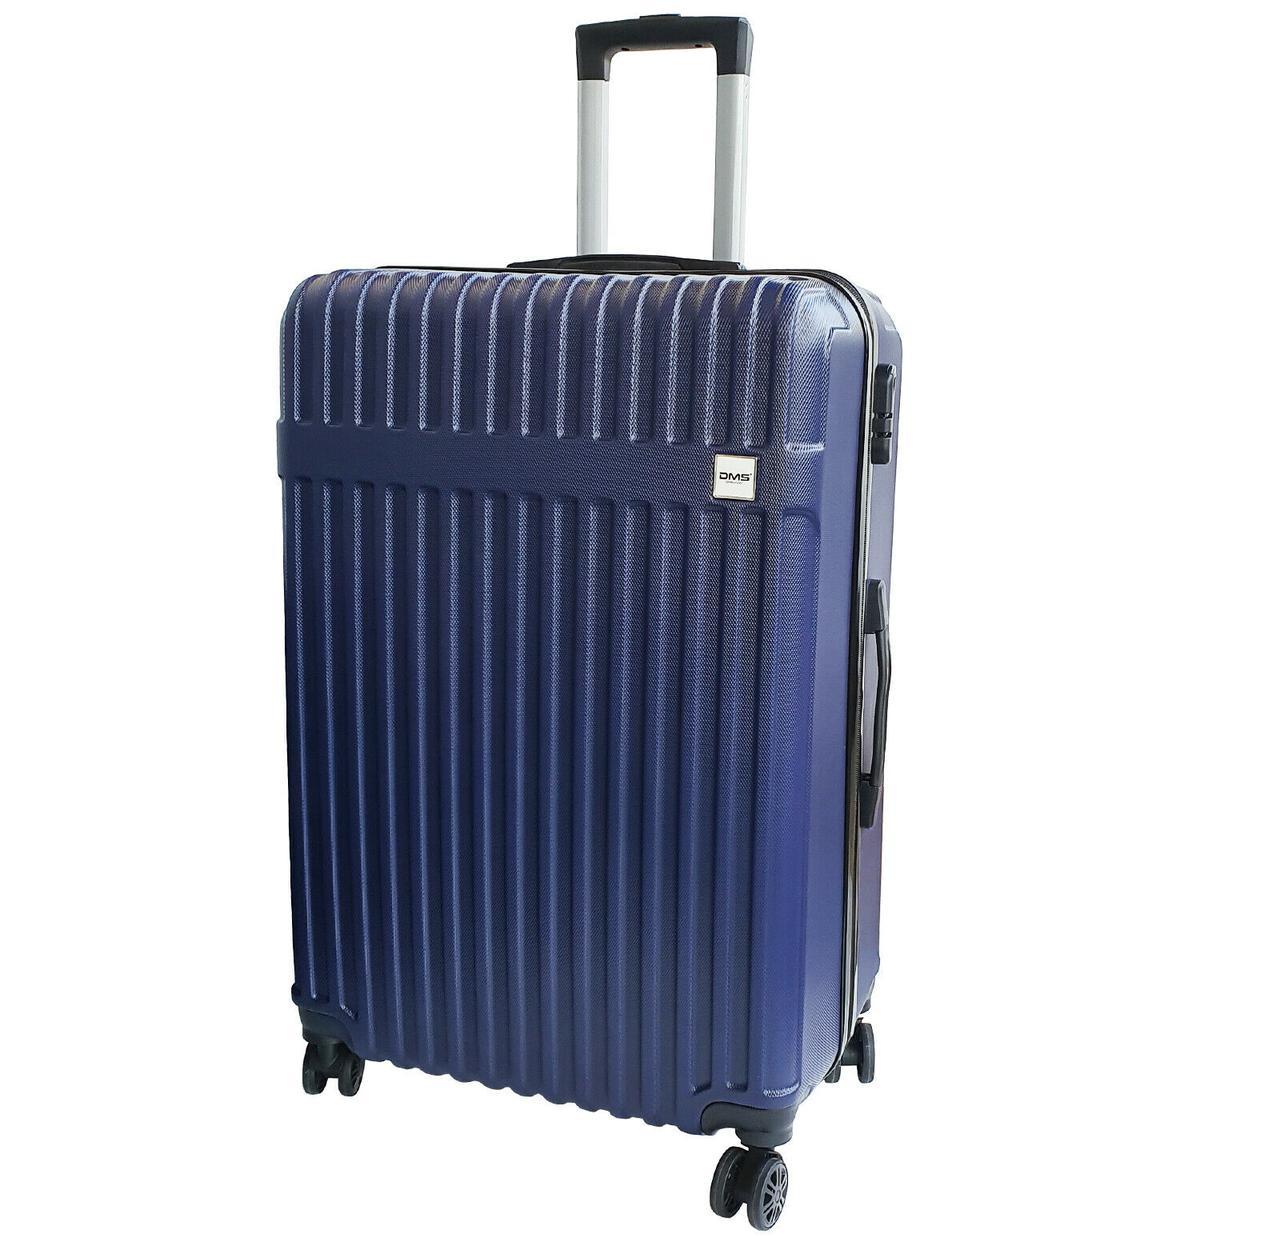 Чемоданы дорожные DMS с тележкой, размер L: 78L, 67 x 47 x 27 см синий Blue